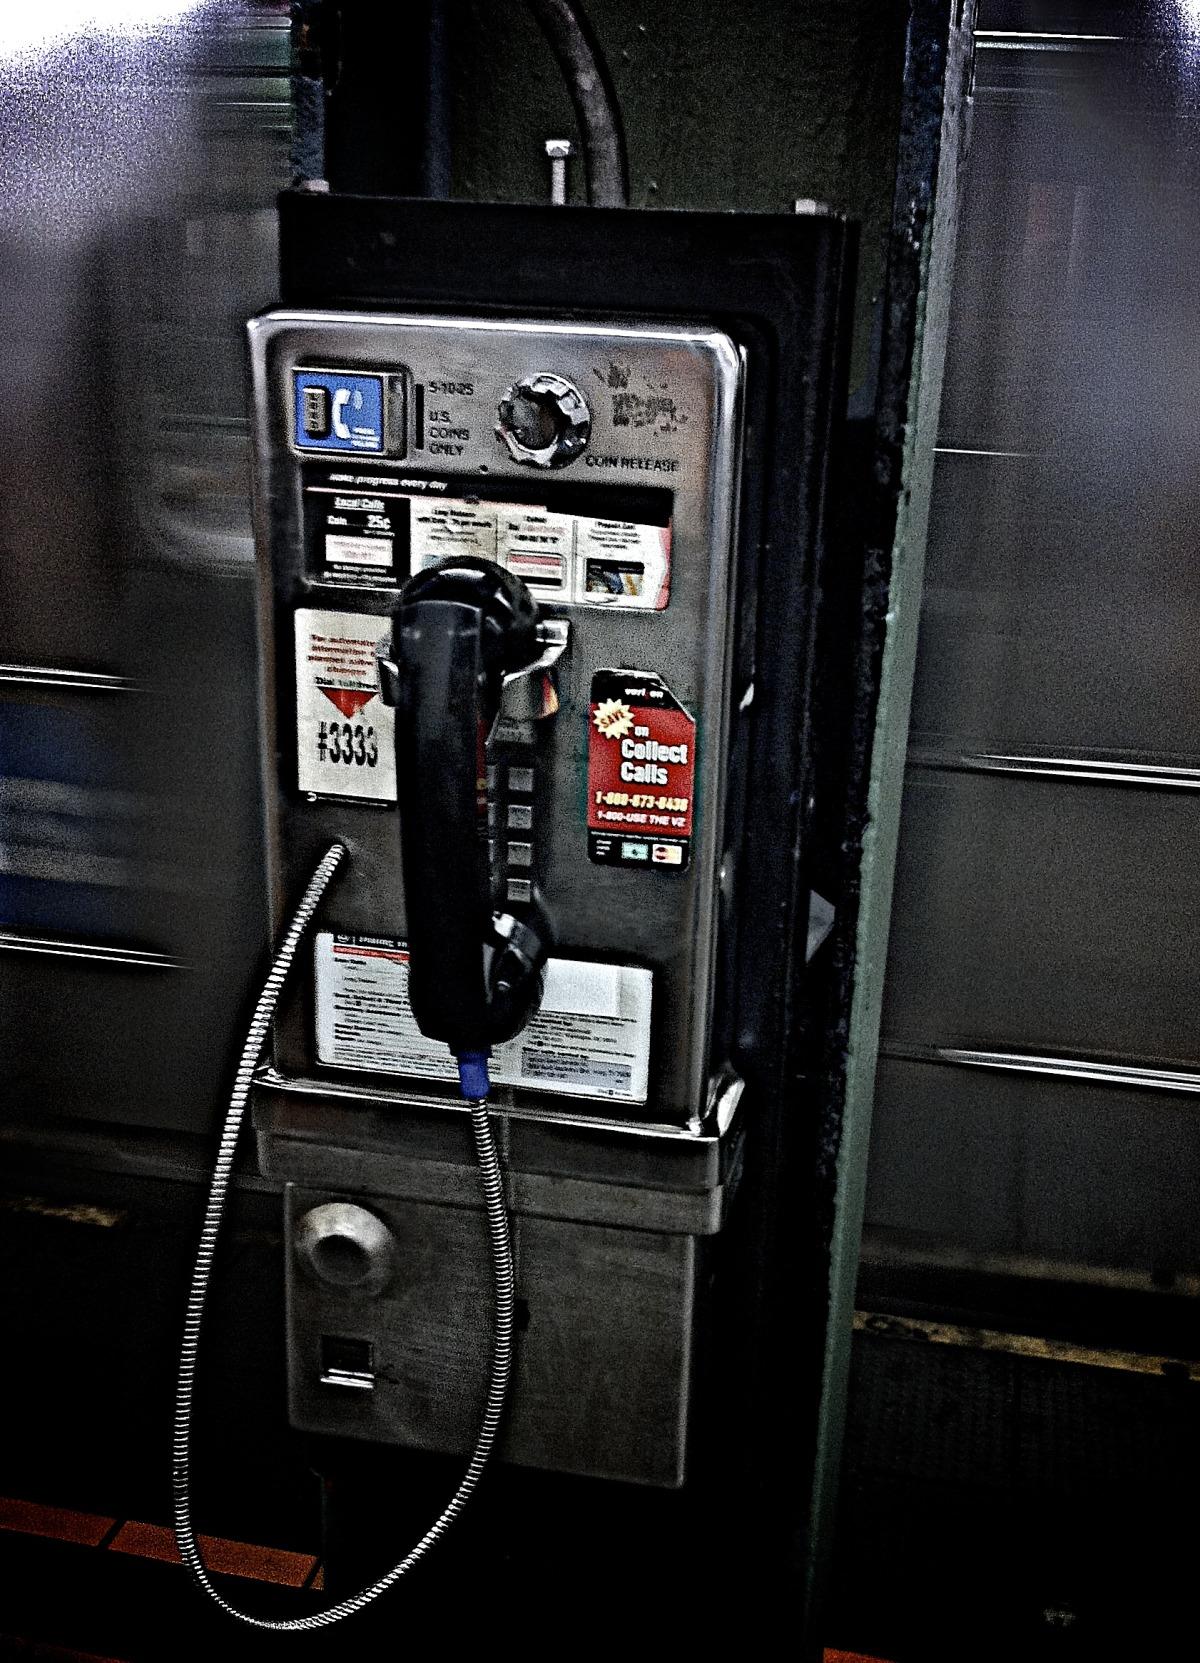 payphone export july 2012 8.jpg